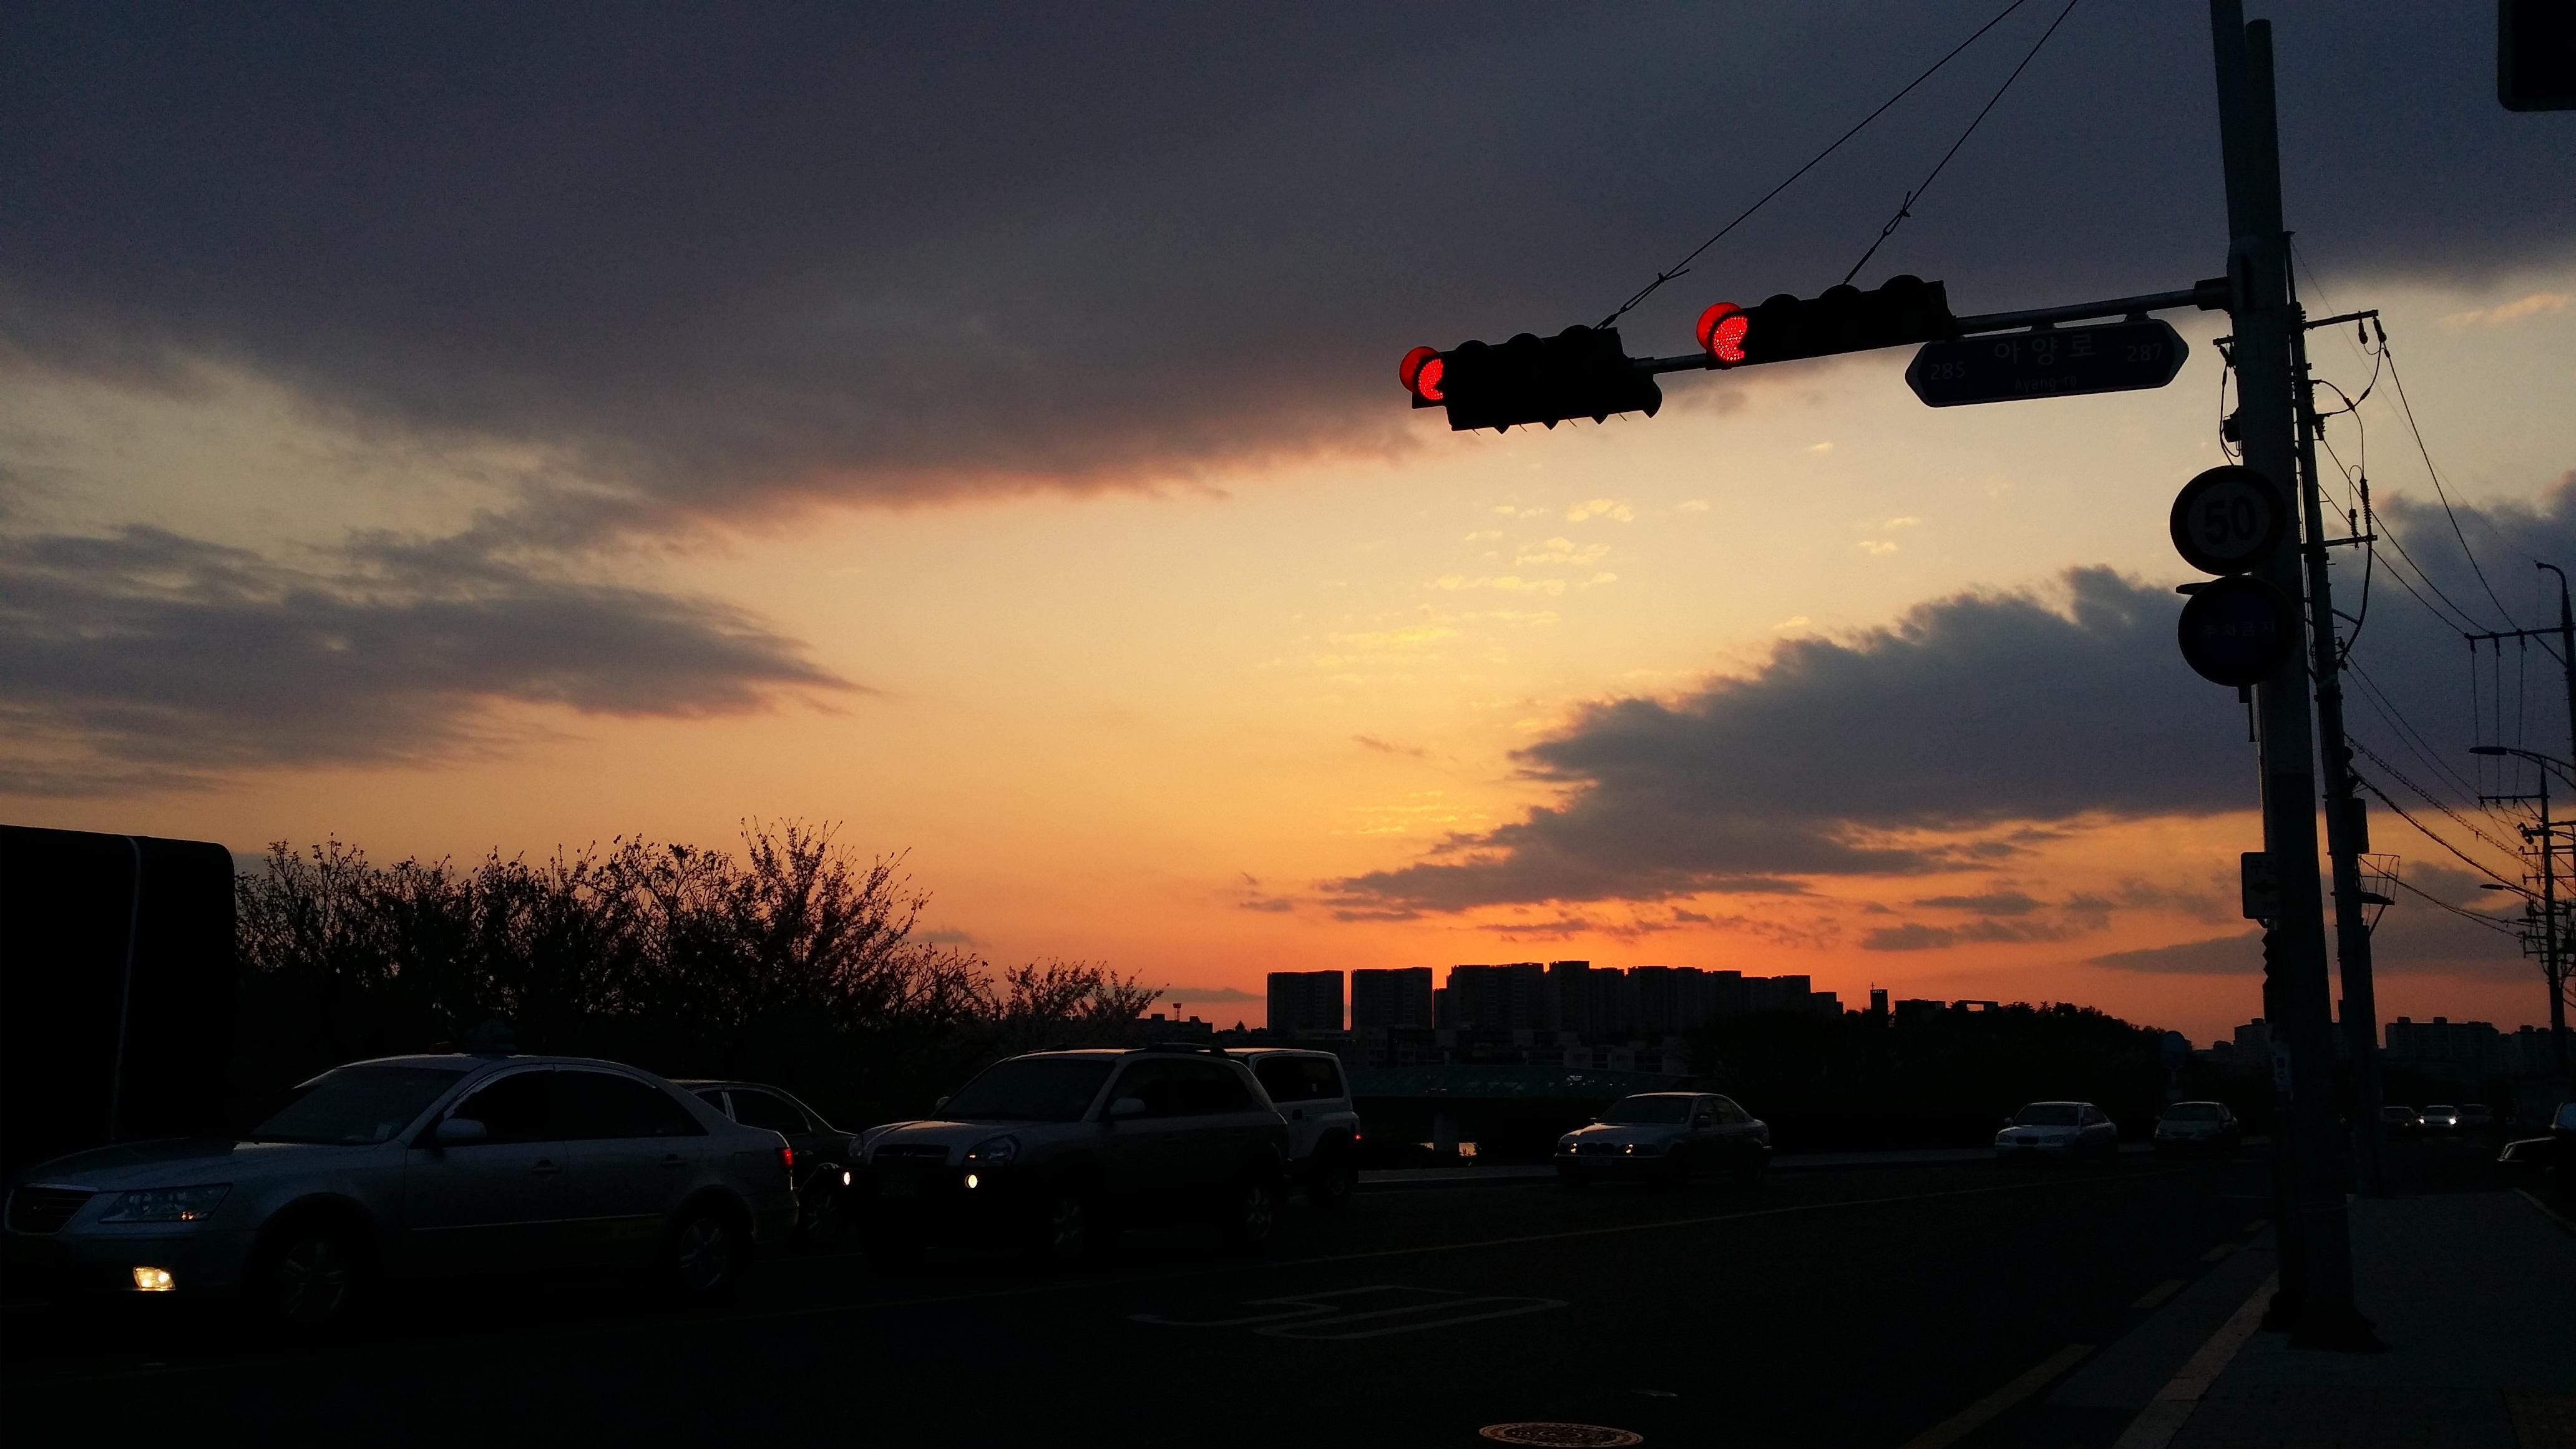 Fotos gratis : ligero, nube, cielo, amanecer, puesta de ...